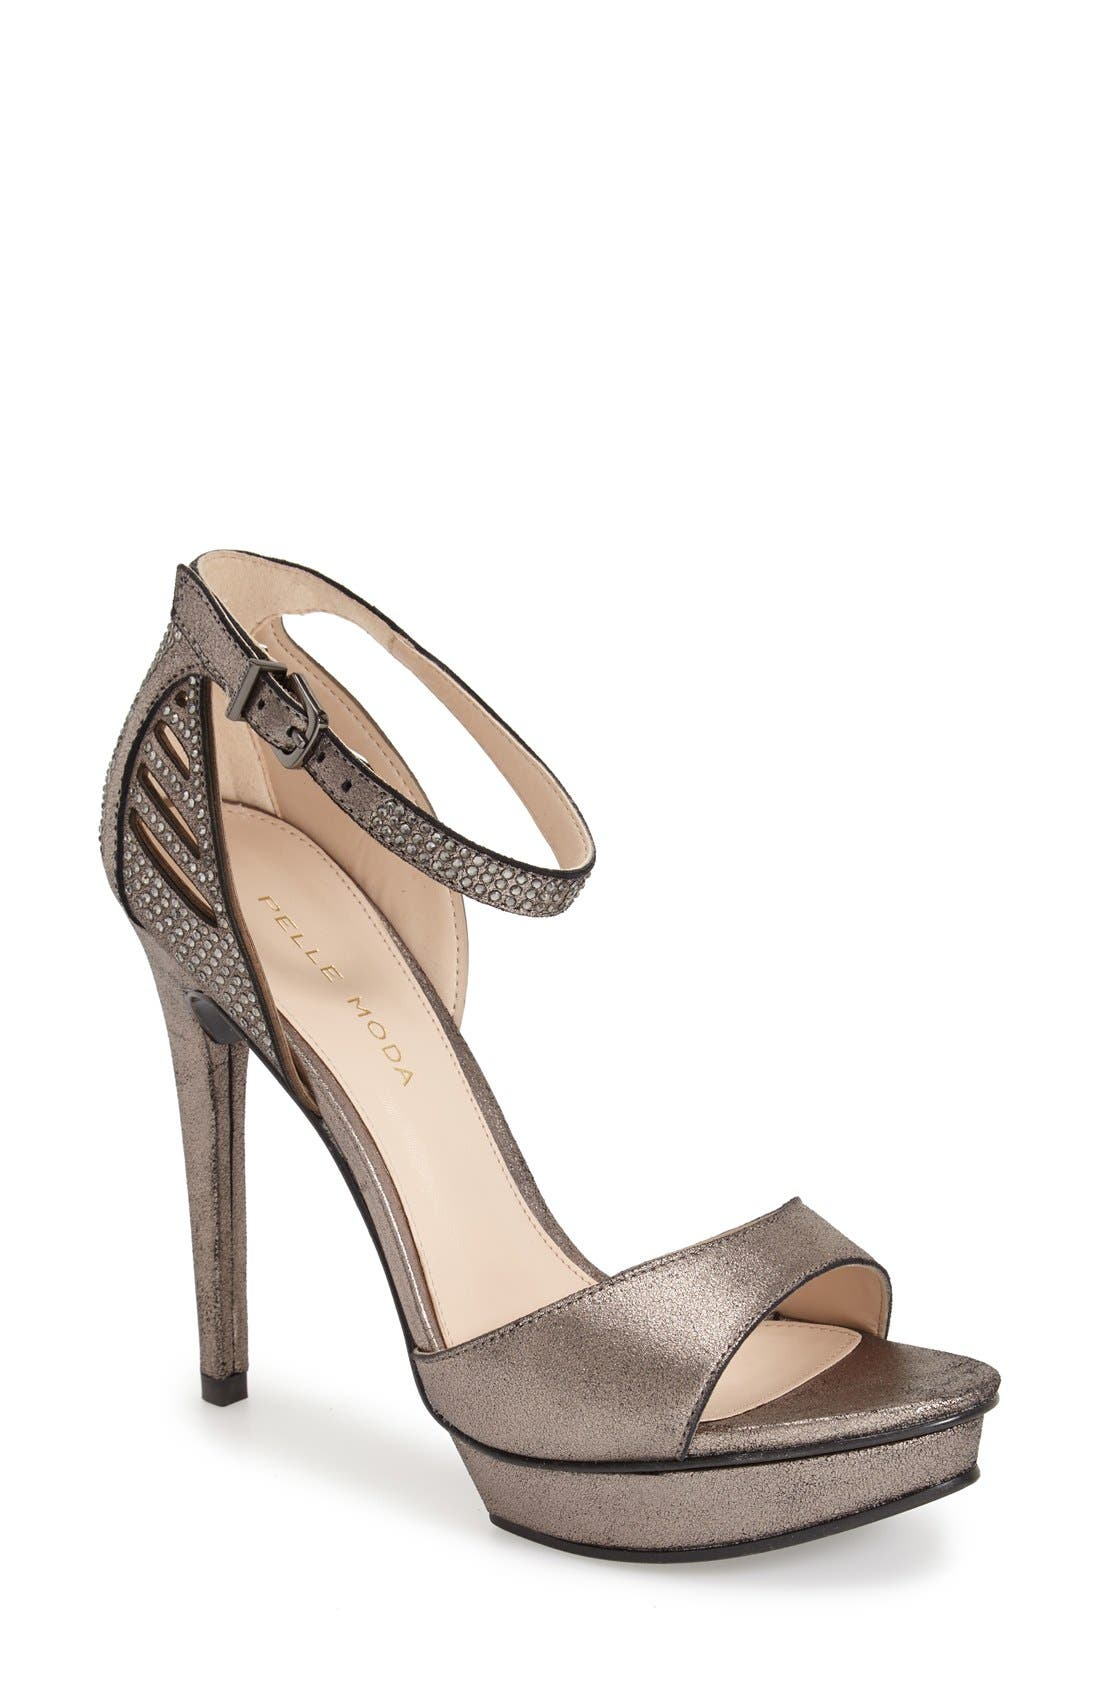 Alternate Image 1 Selected - Pelle Moda 'Fenton' Ankle Strap Sandal (Women)